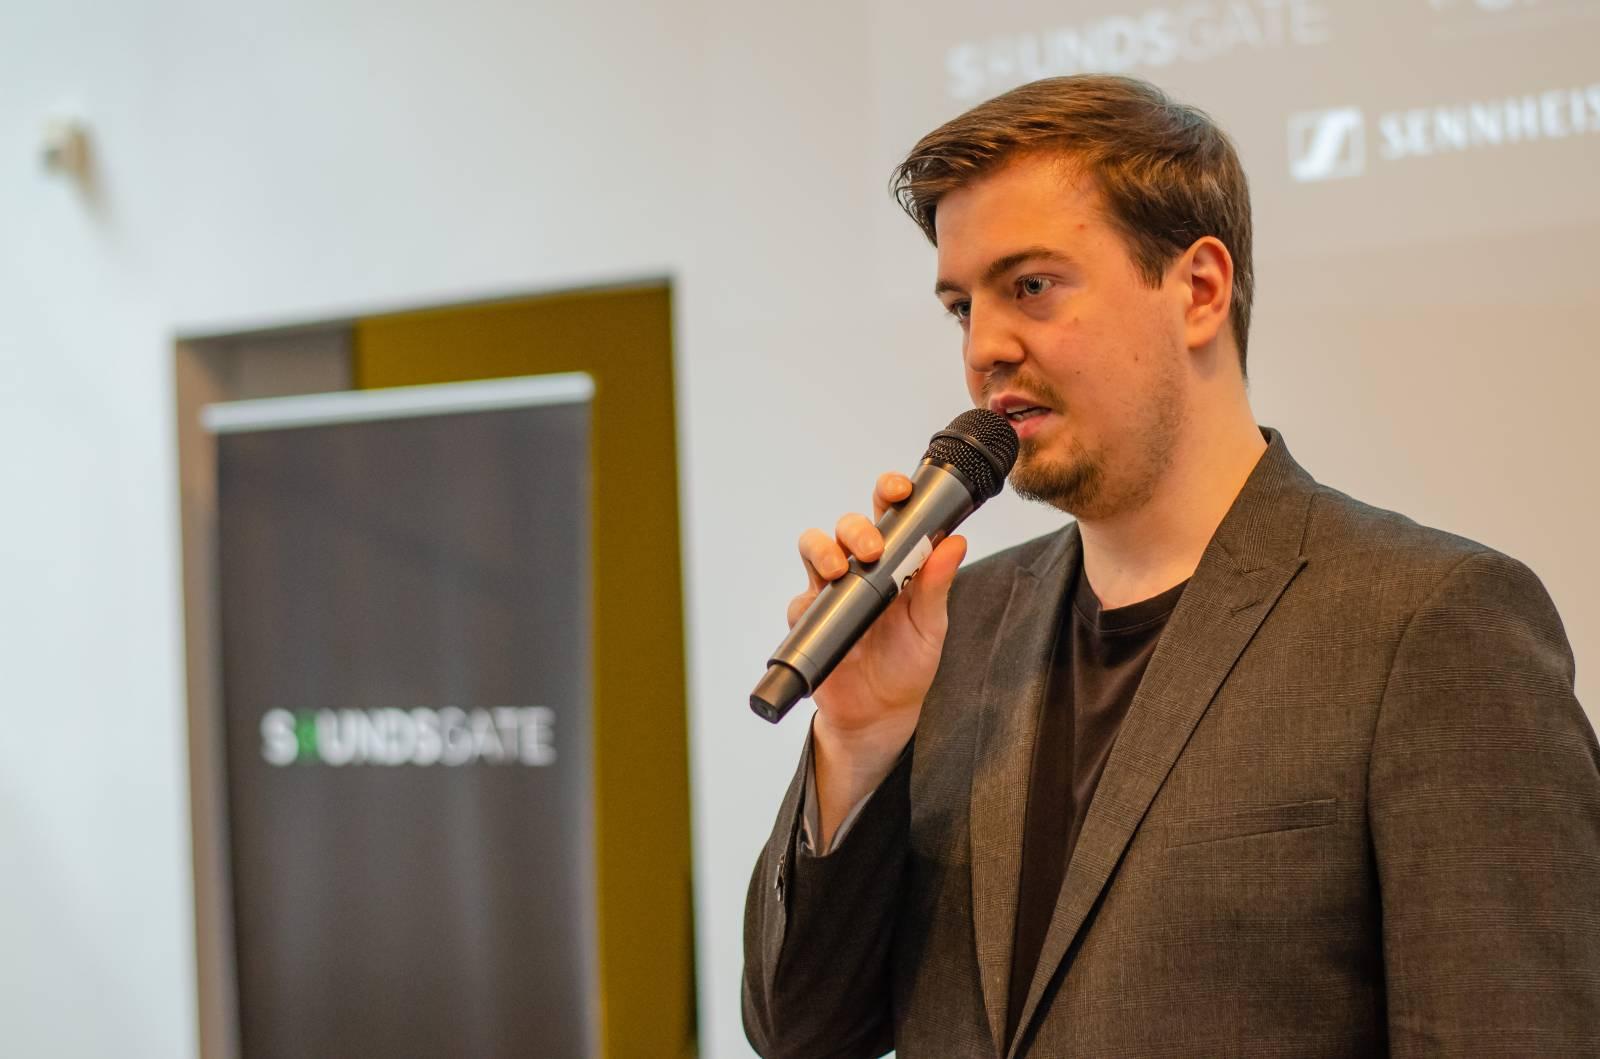 Rozhovor   Saša Smutný (#zazivouhudbu): Stát by měl pomáhat efektivně a cíleně a být spravedlivý